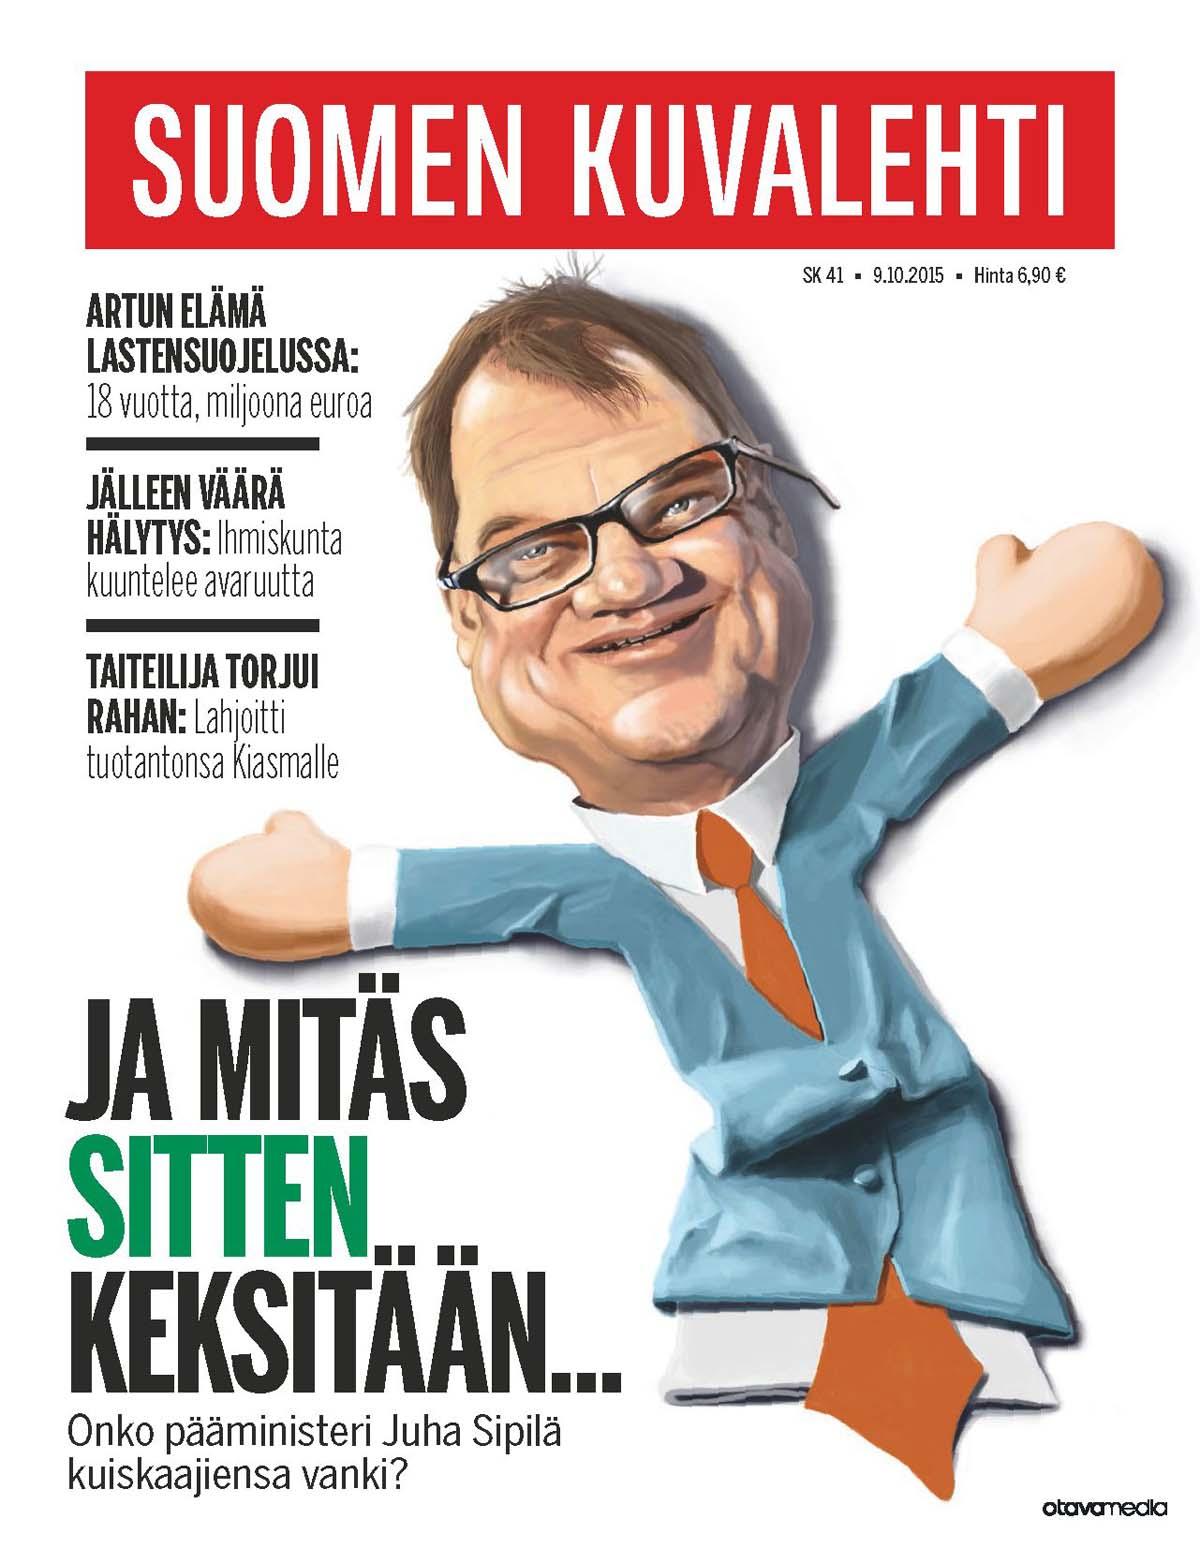 Mika Sälevän näkemys Juha Sipilästä käsinukkena. SK 41/2015.